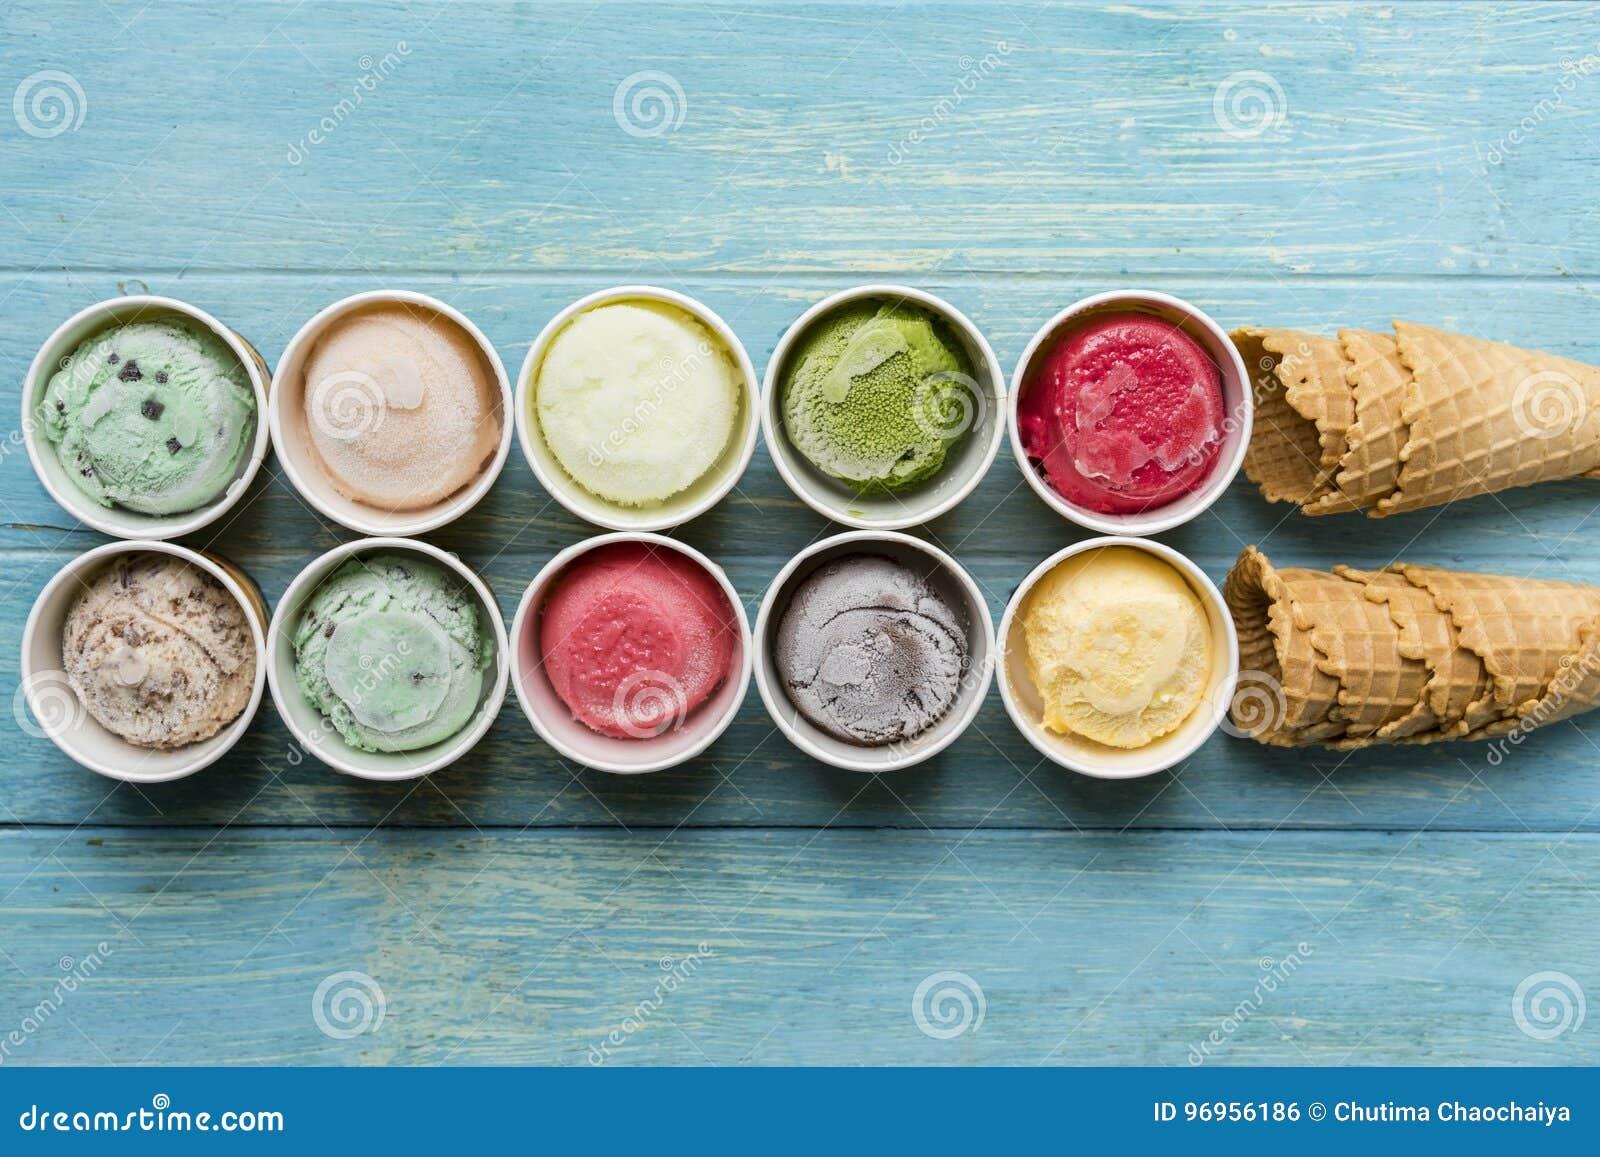 Τοπ άποψη των γεύσεων παγωτού στη βάφλα κώνων φλυτζανιών και παγωτού